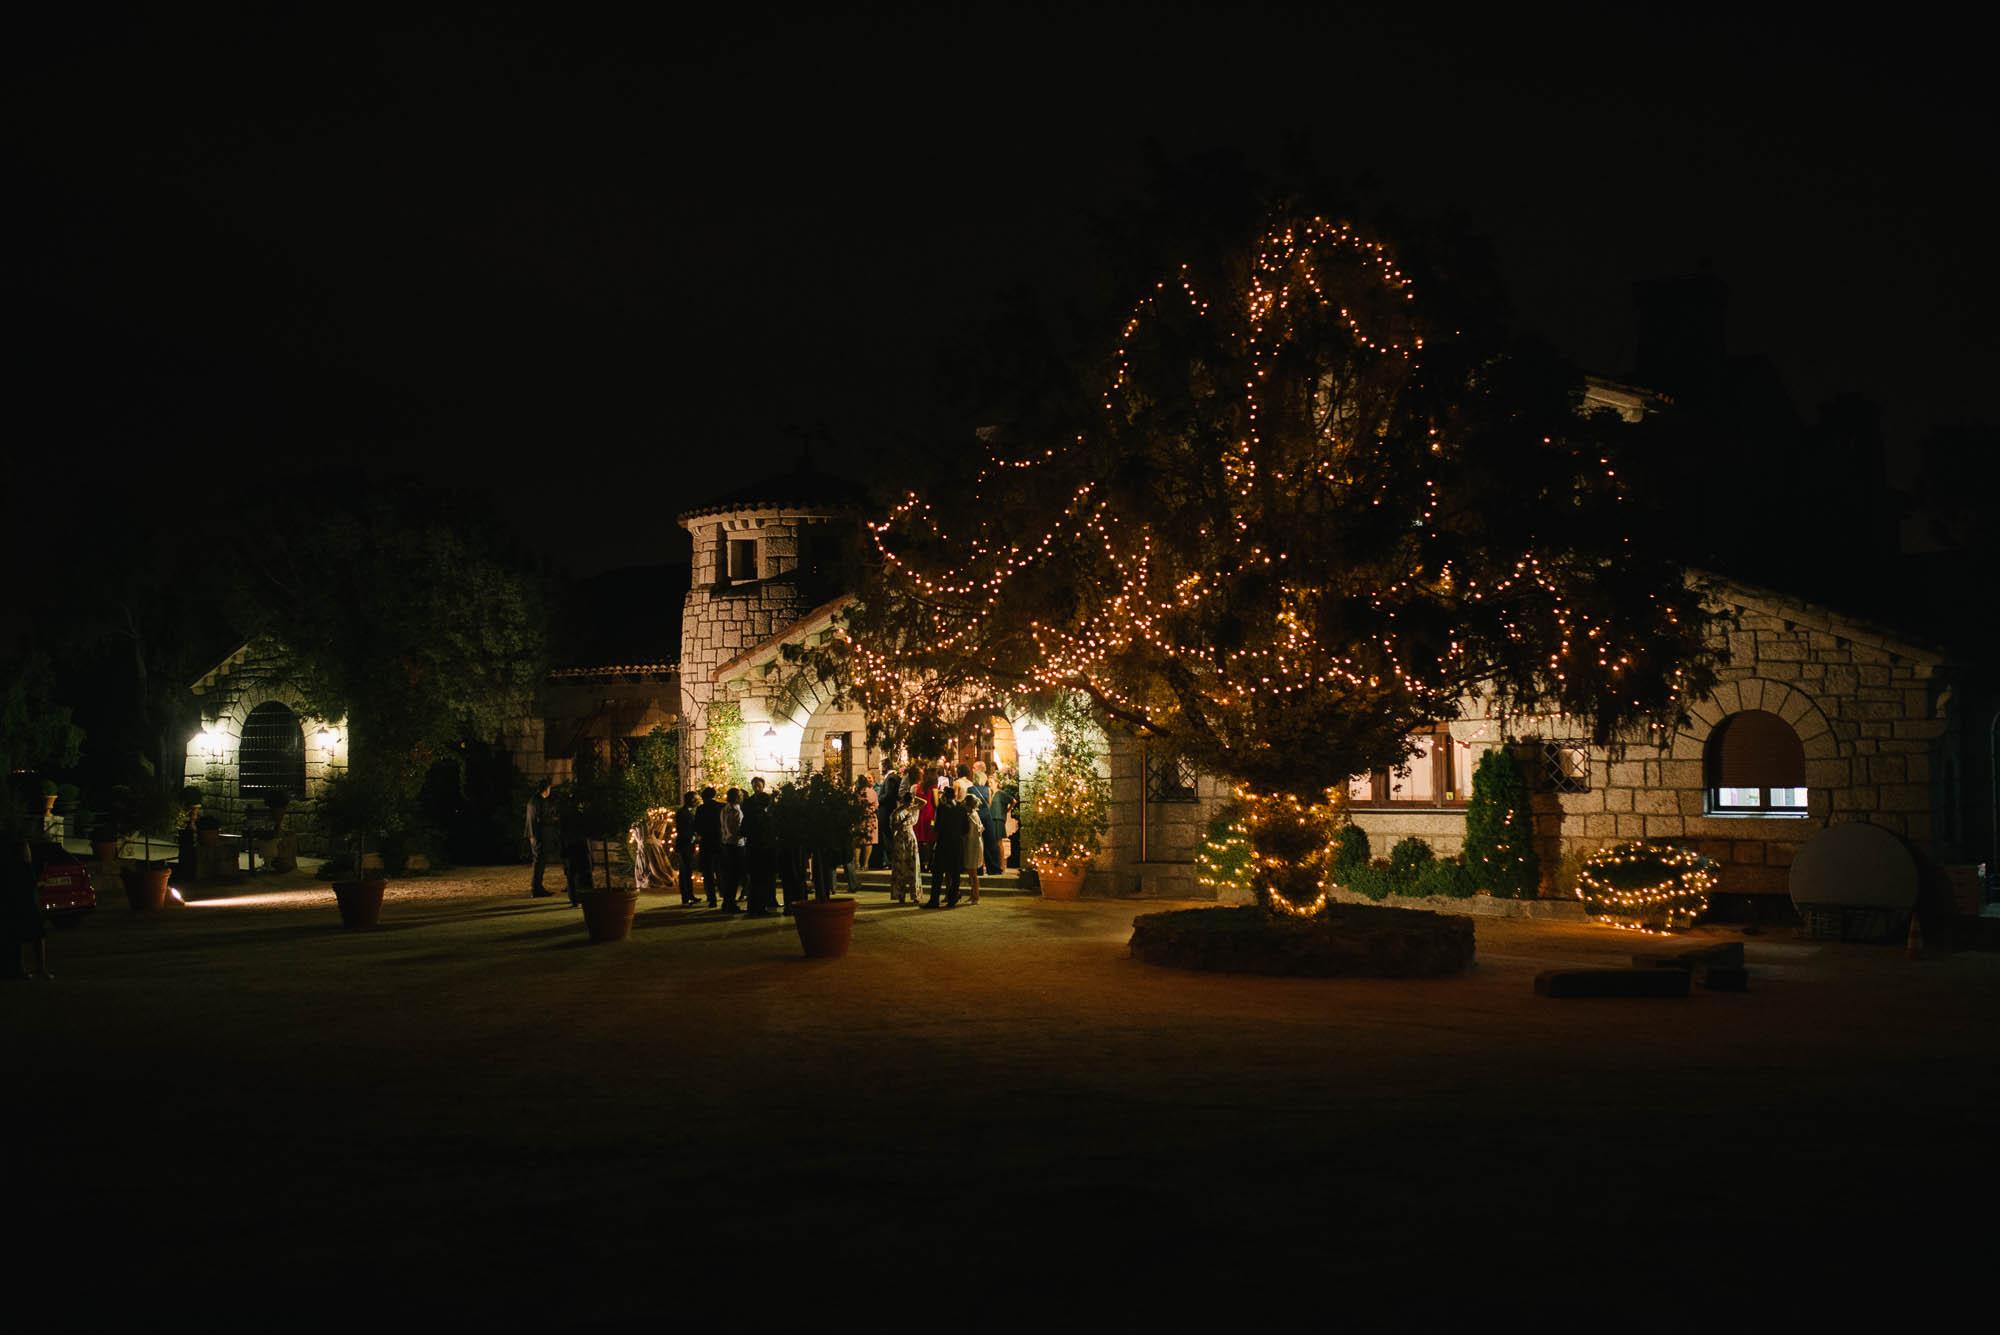 Un arbol con luces por la noche y de fondo un edificio de piedra